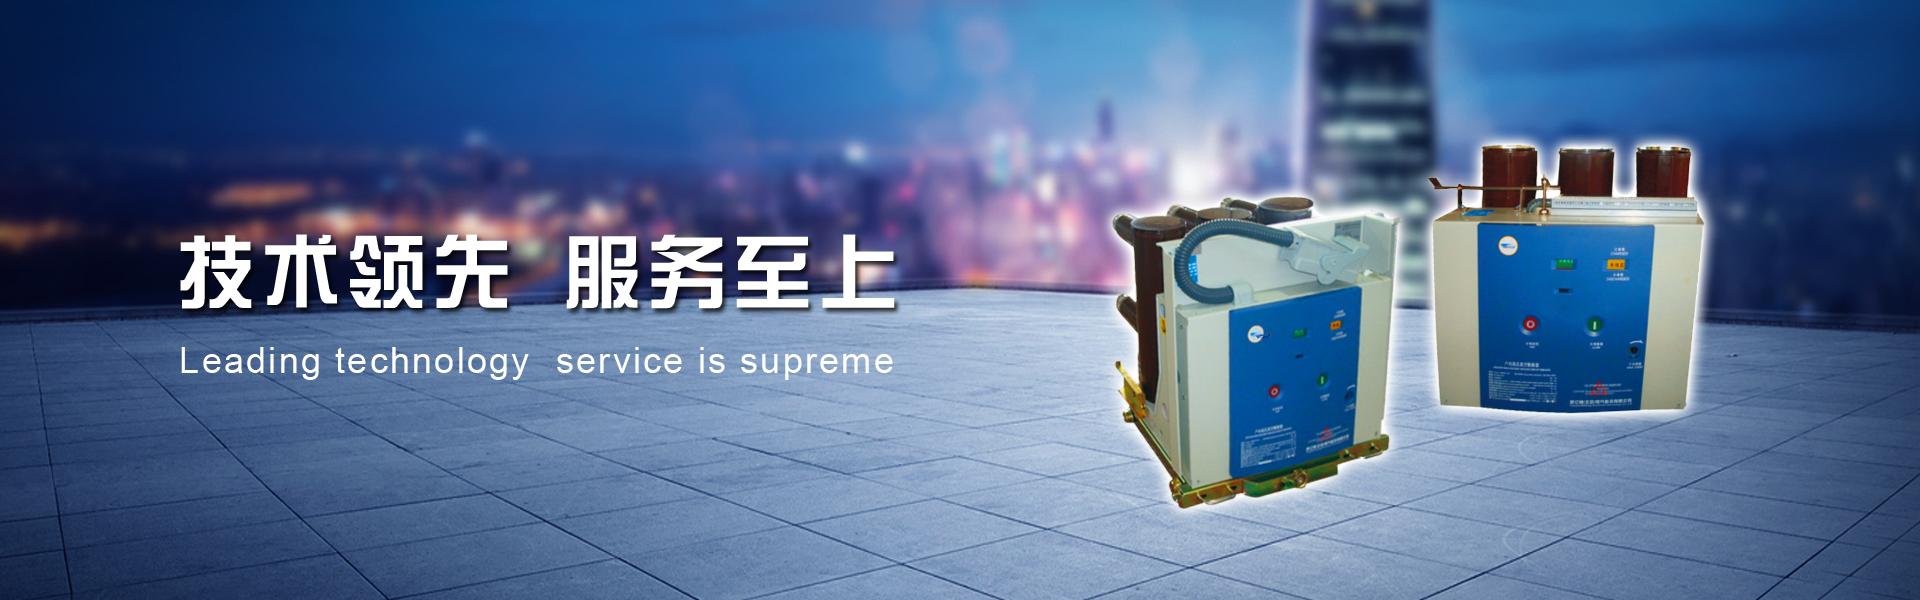 香港53999特马分析网